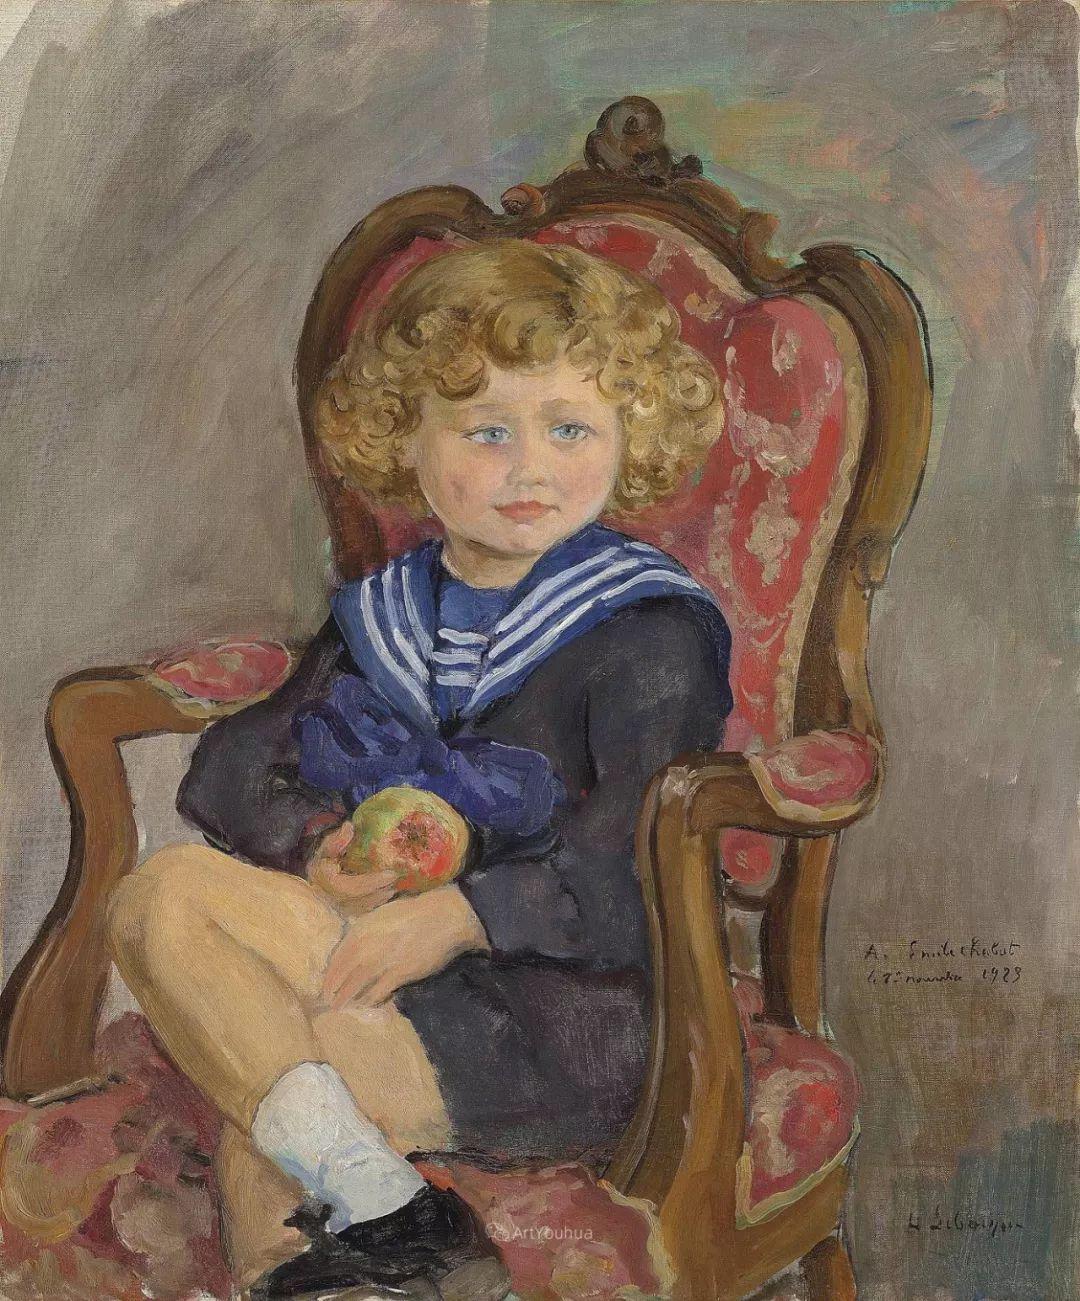 人物篇,法国后印象派画家亨利·莱巴斯克插图25